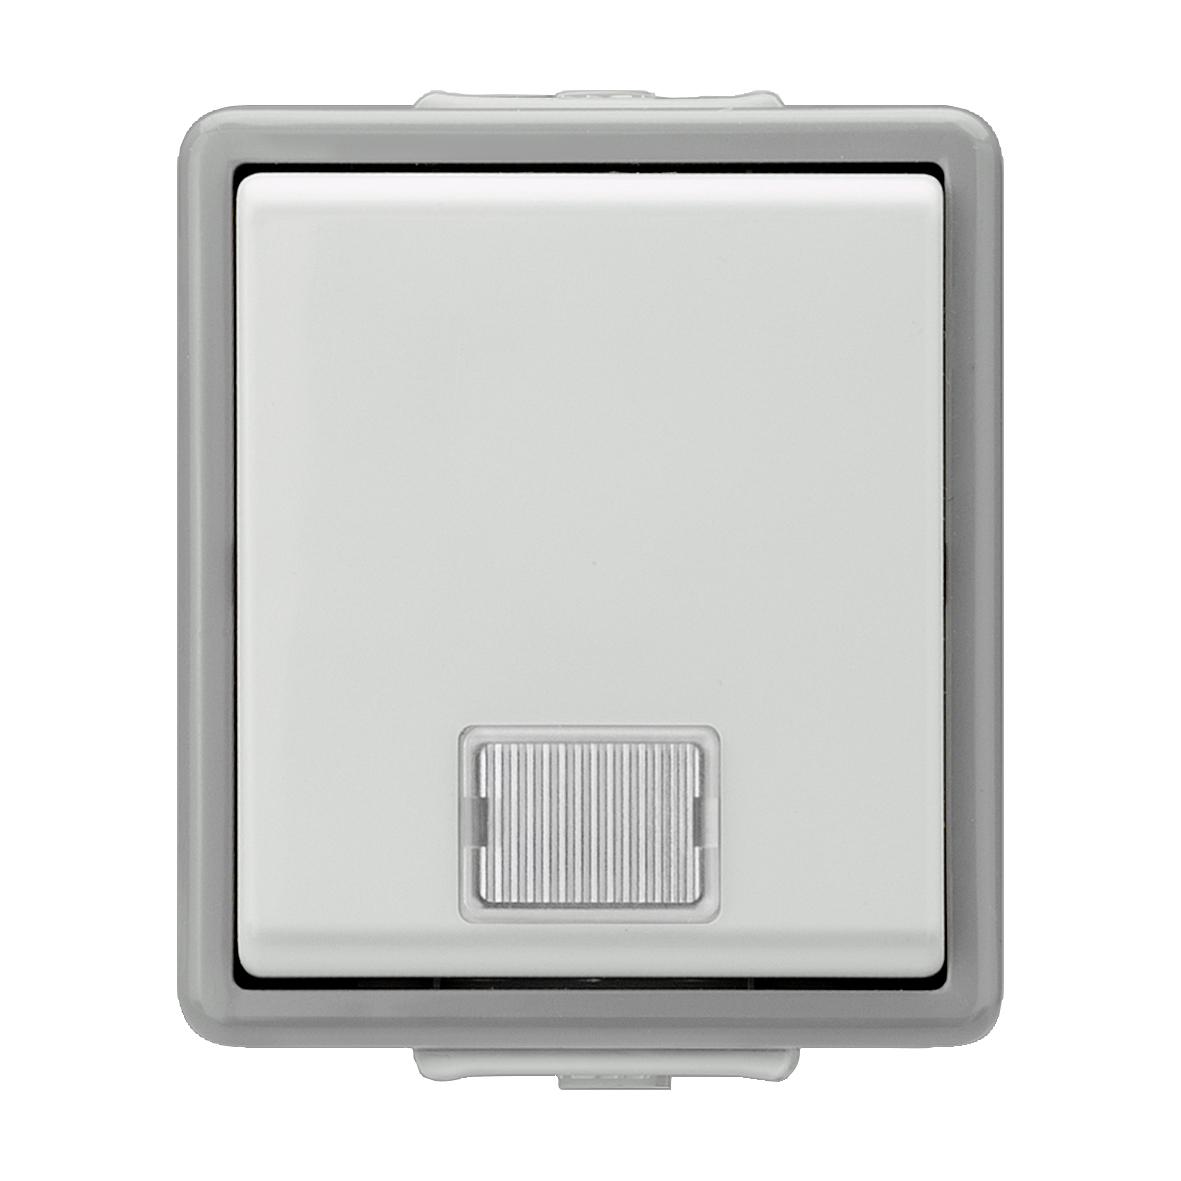 1 Stk Taster 1-fach, Aufputz, Mittelstellung, 1 LED, IP44, grau KX1153AB01